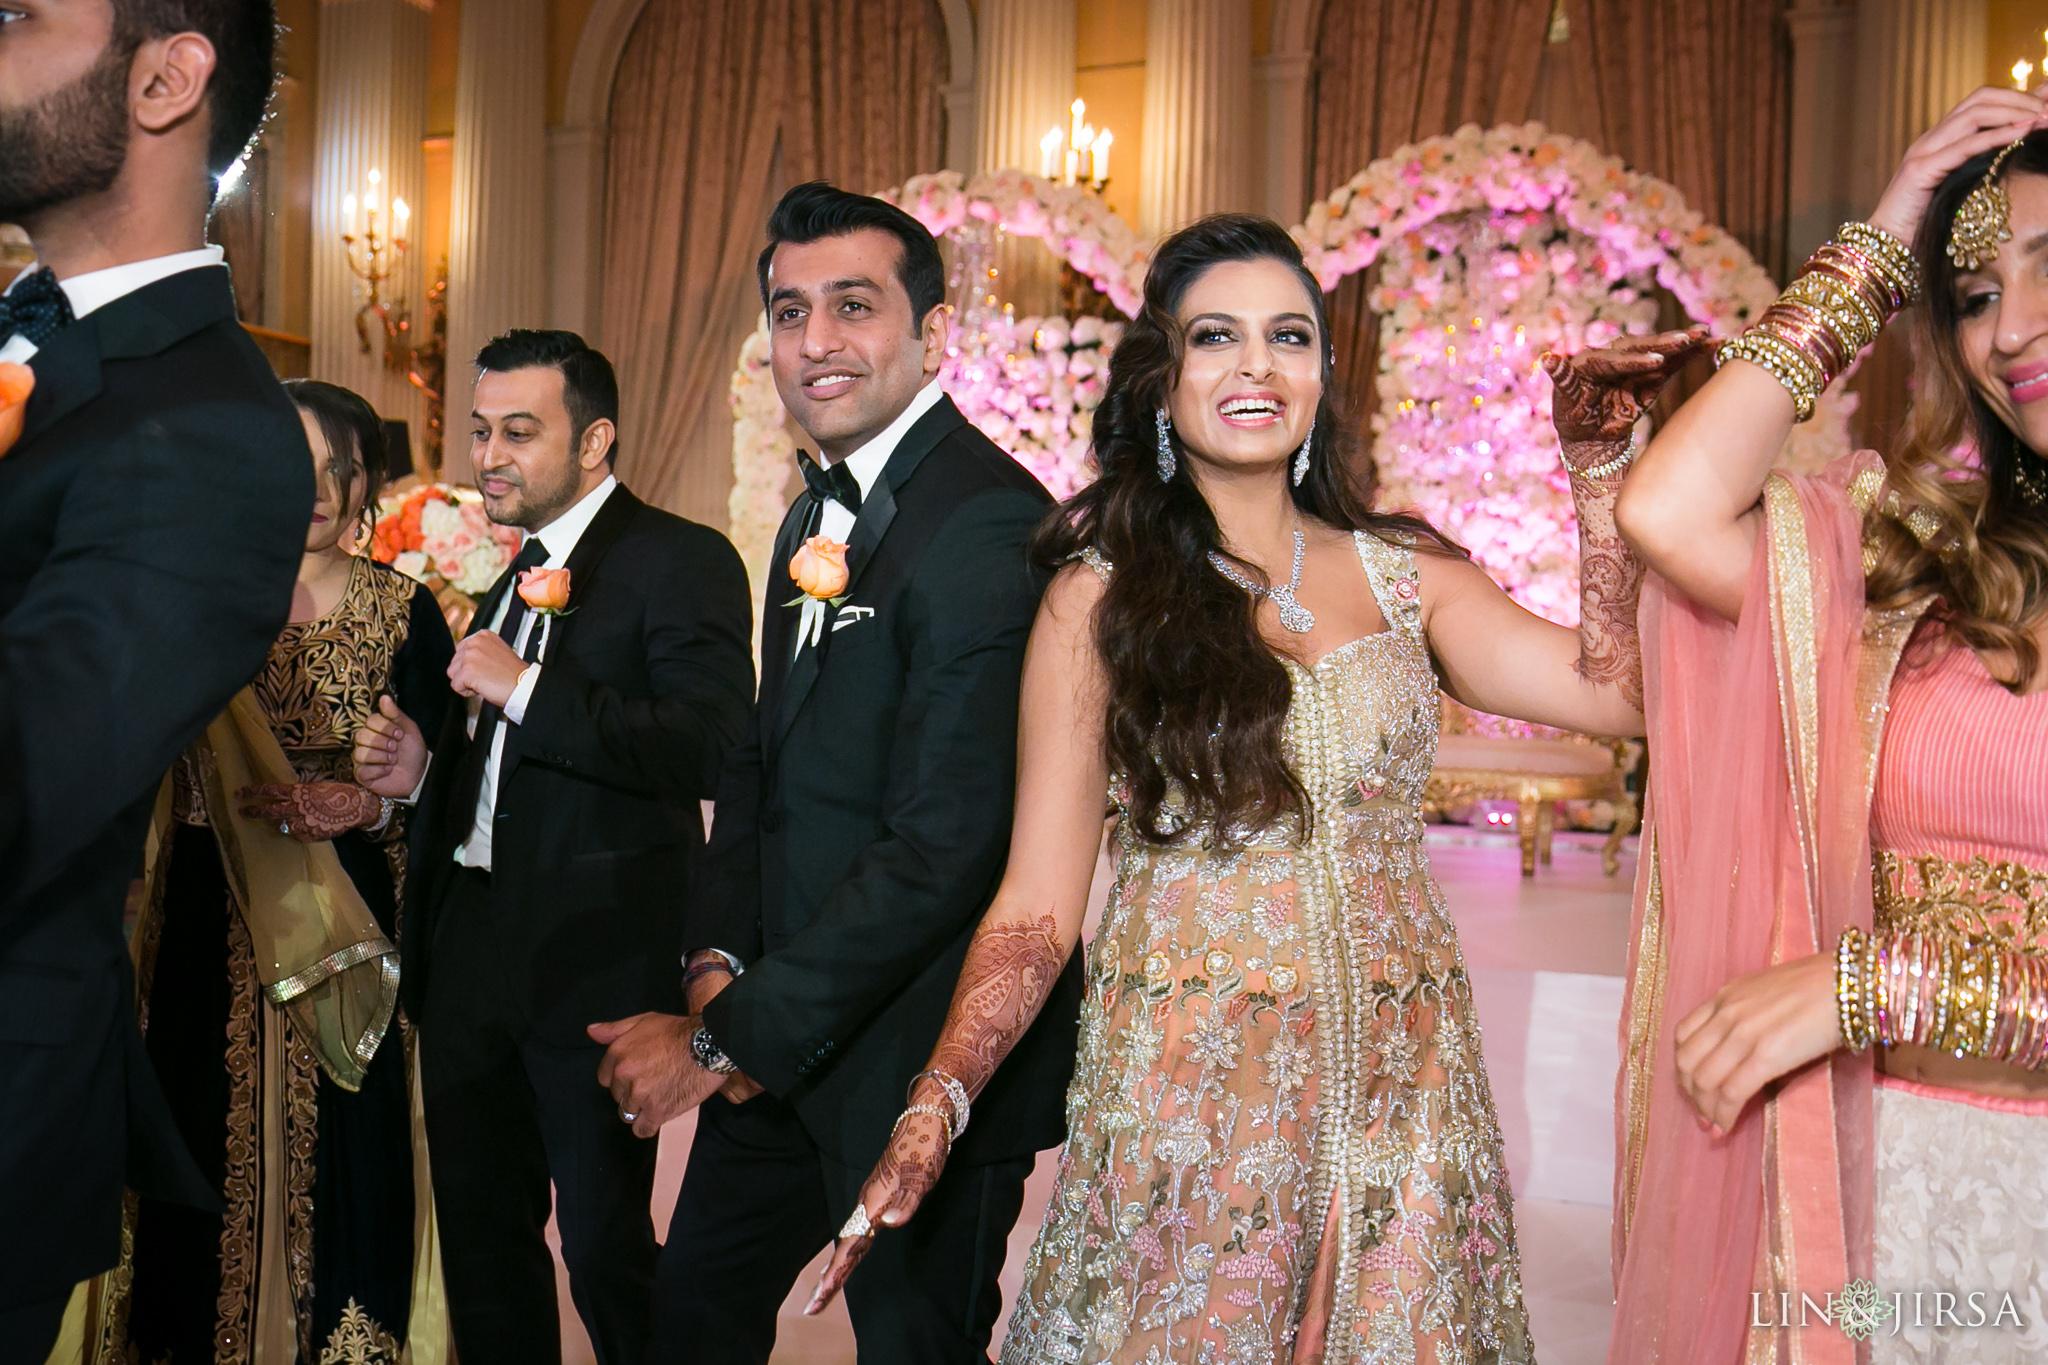 25-biltmore-hotel-los-angeles-wedding-reception-photography